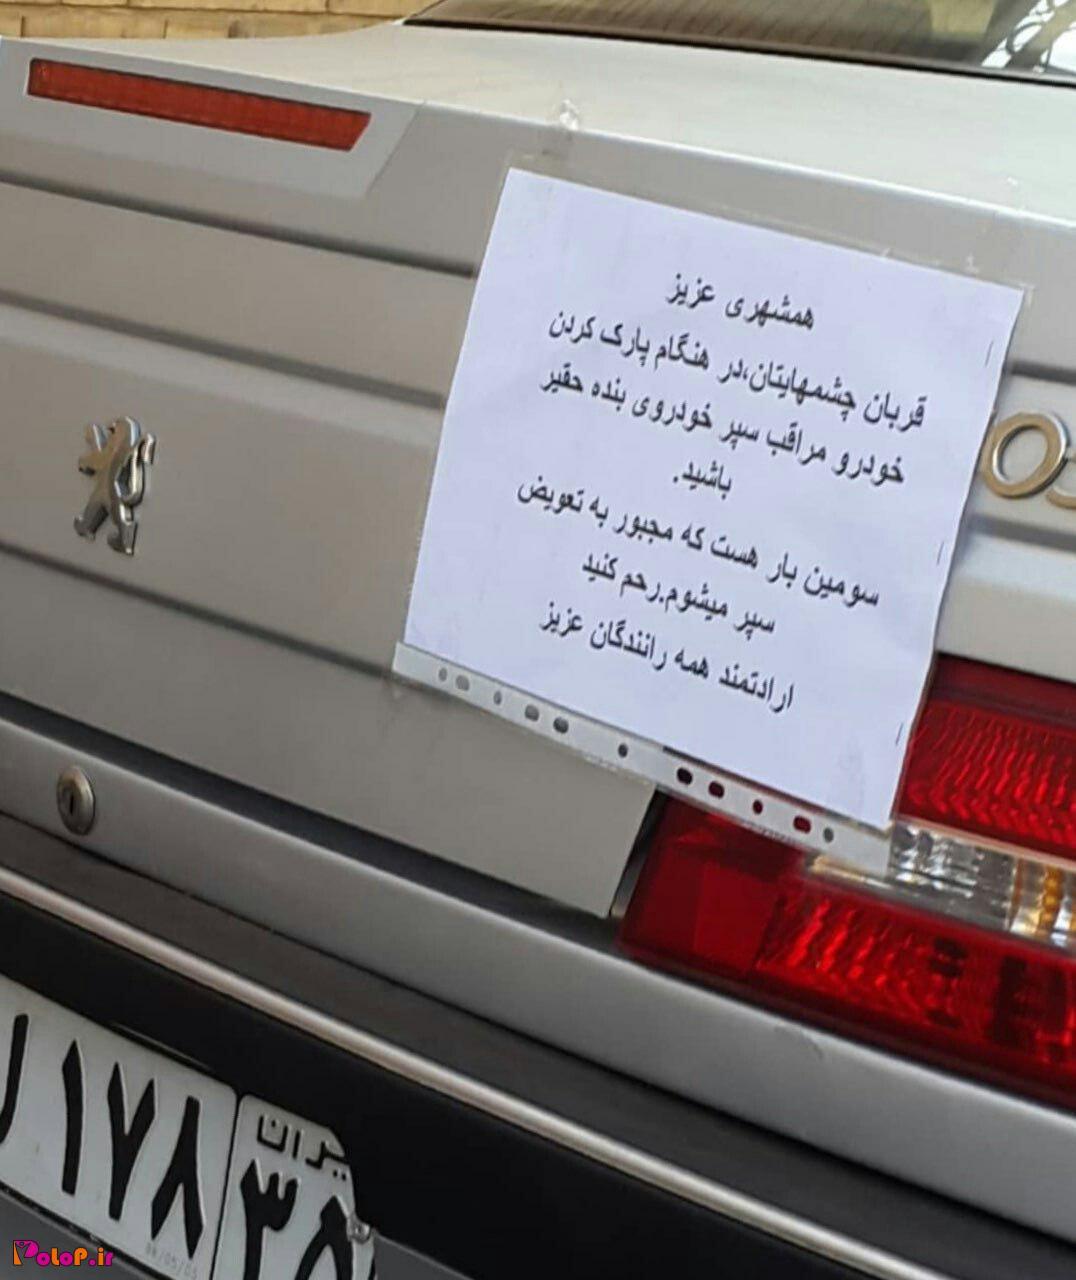 نوشتهای بر روی یک خودرو در تبریز